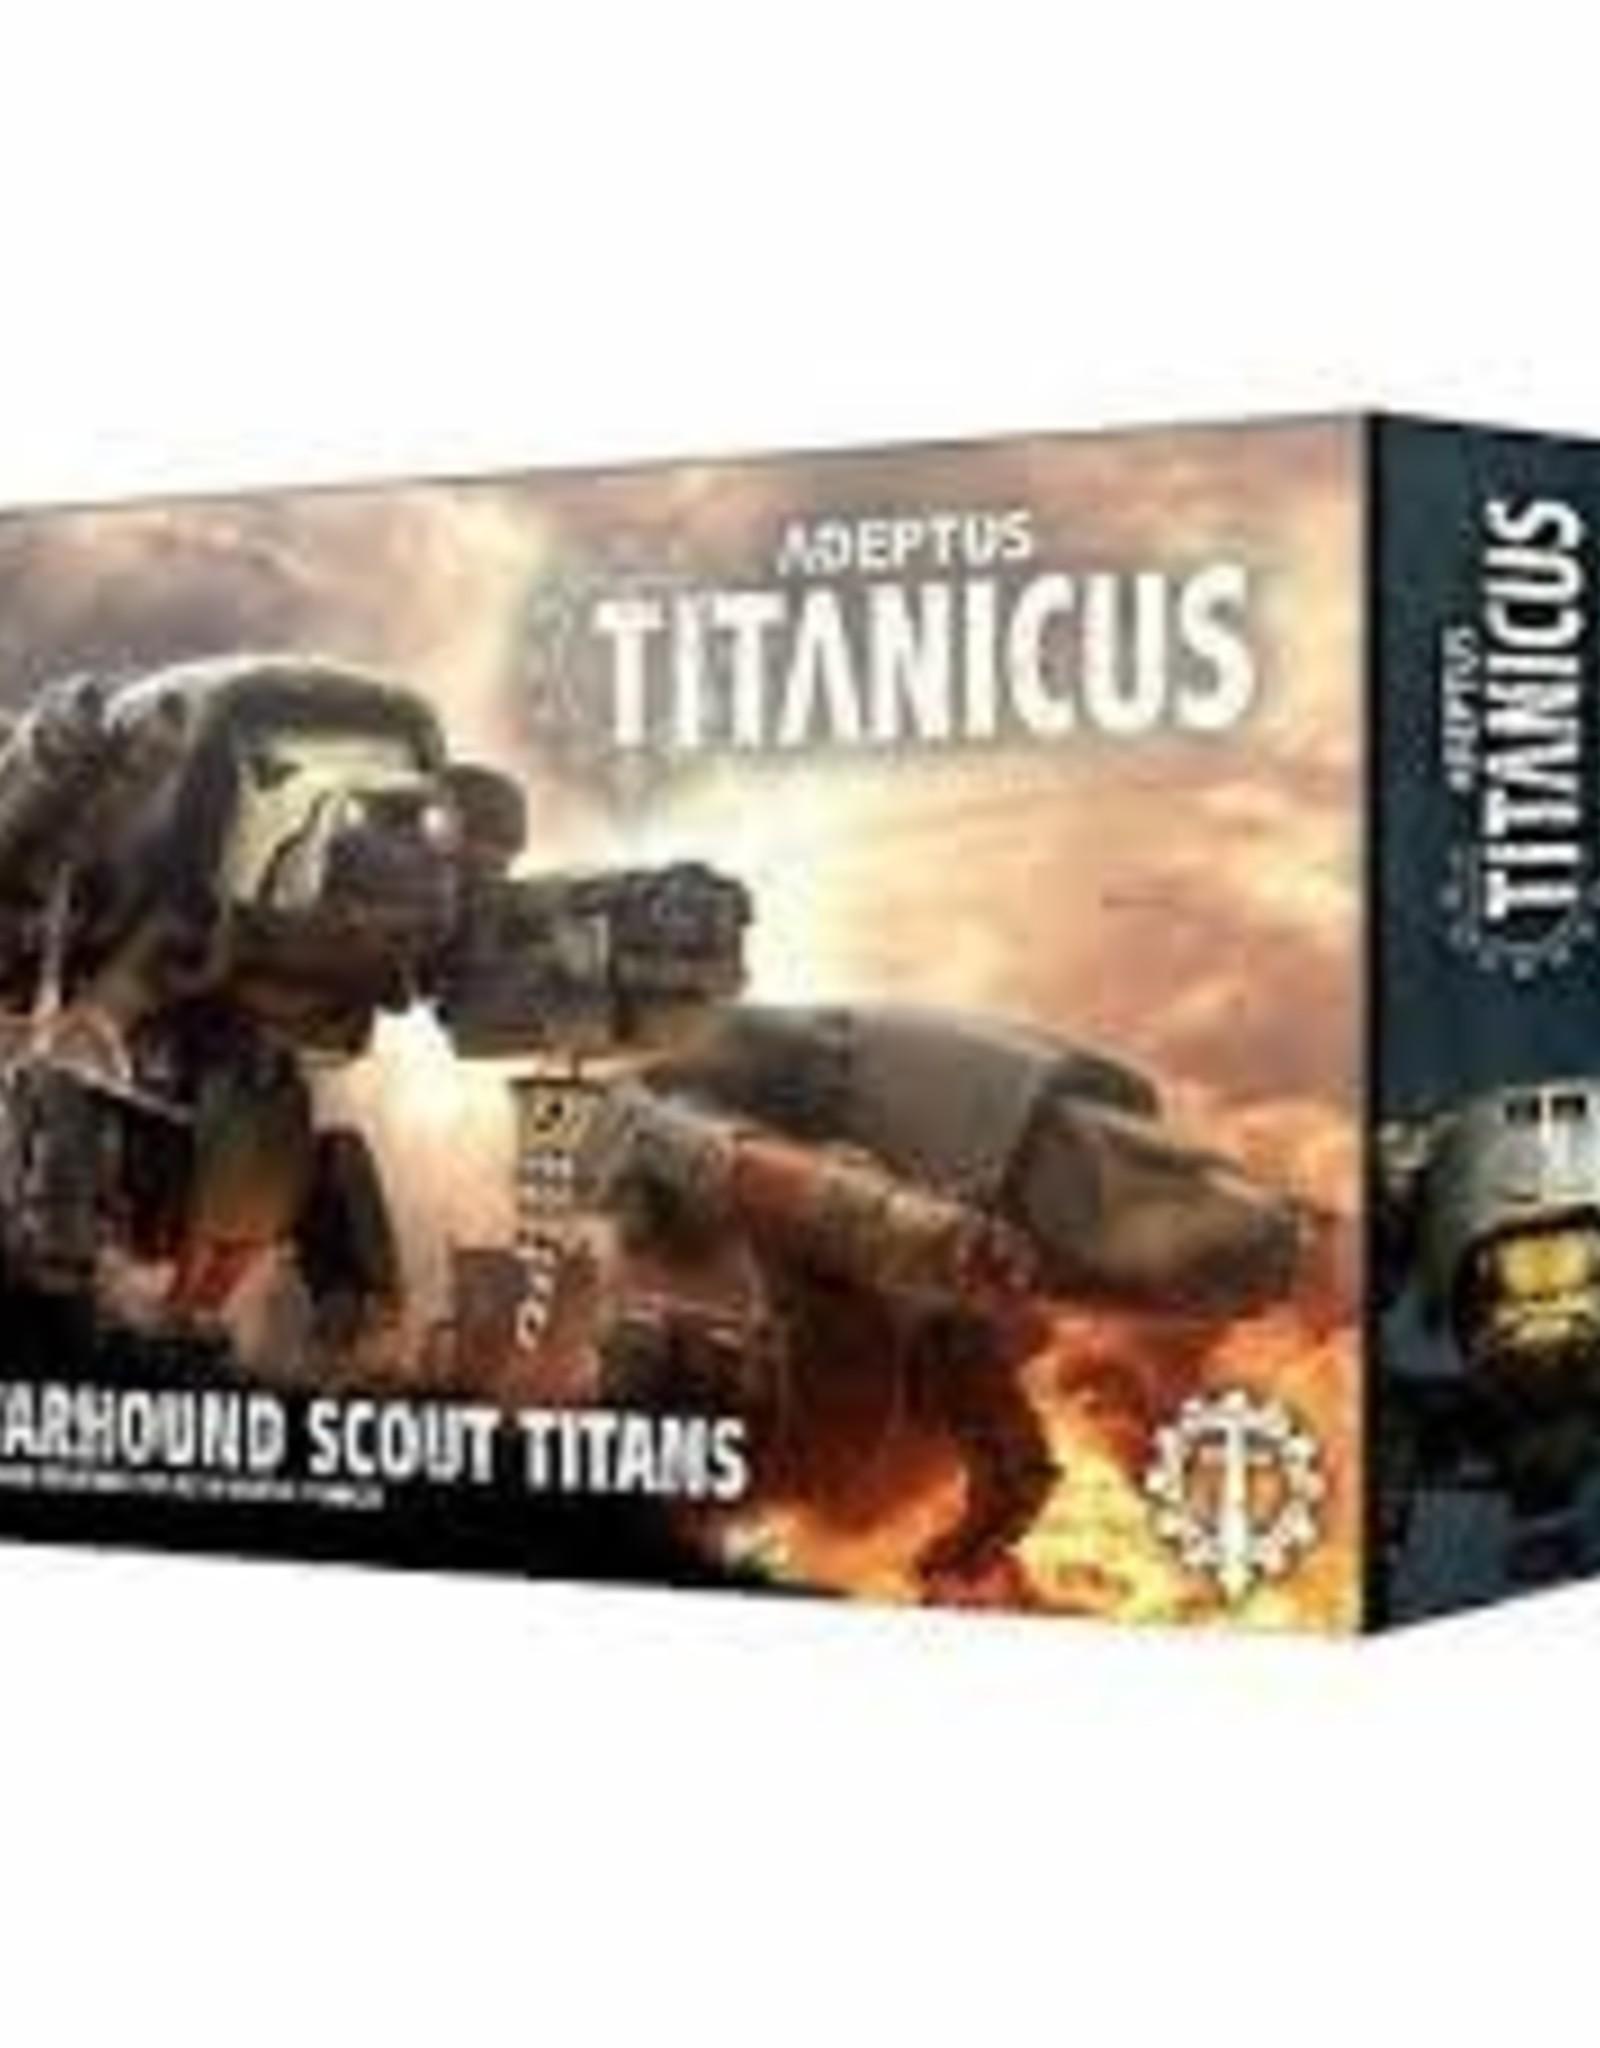 Games Workshop Warhammer 40,000 Adeptus Titanicus Warhound Scout Titans